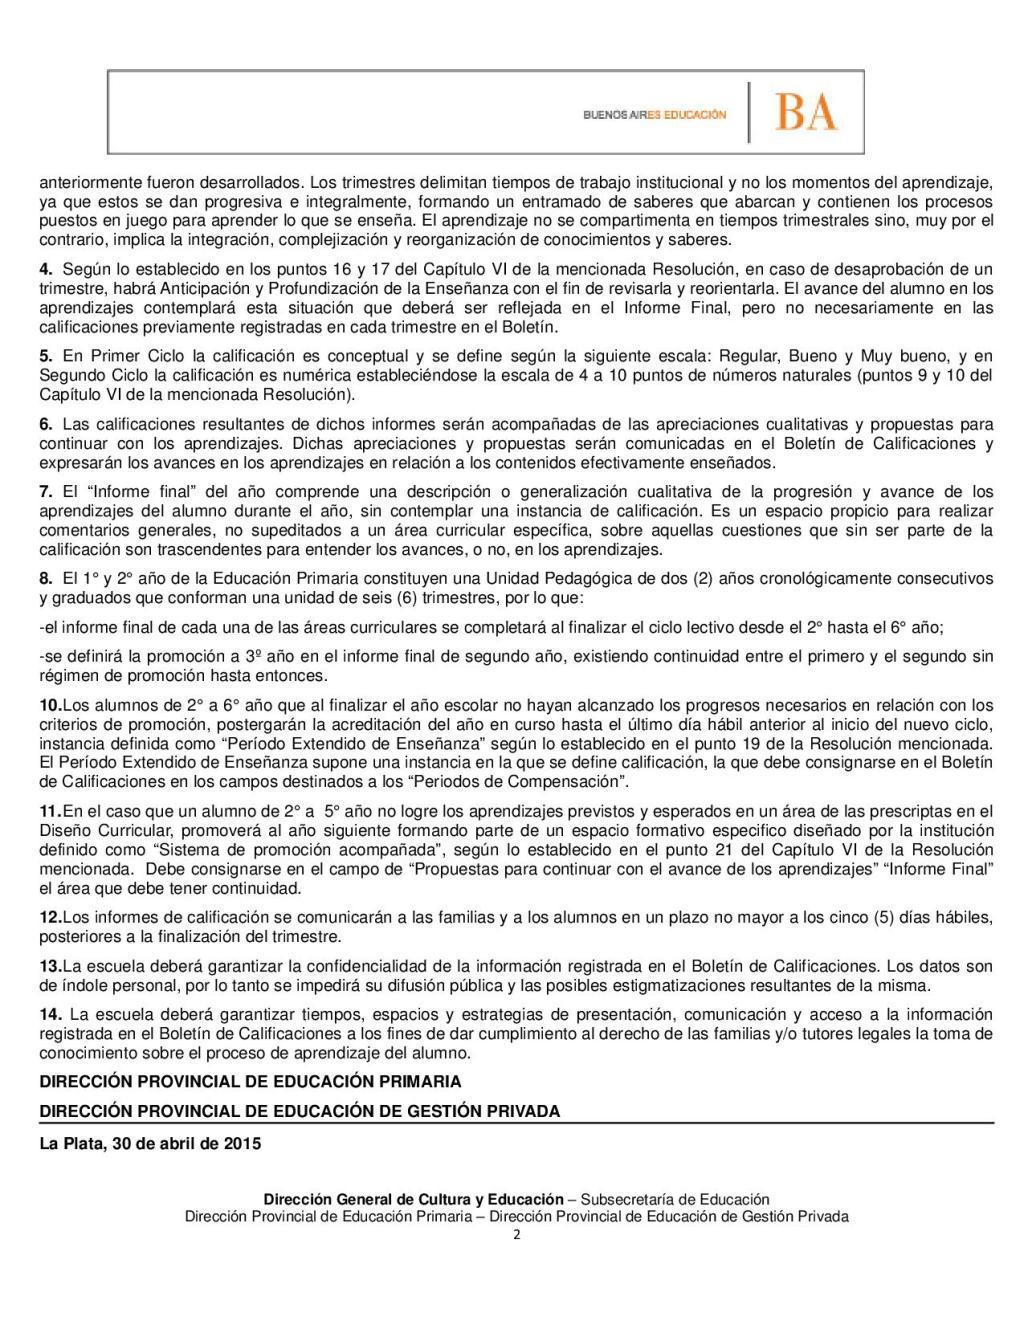 COMUNICACION CONJUNTA N° 02 2015 EL USO DEL BOLETÍN EN EL MARCO DE LA IMPLEMENTACIÓN DEL REGIMEN ACADEMICO2